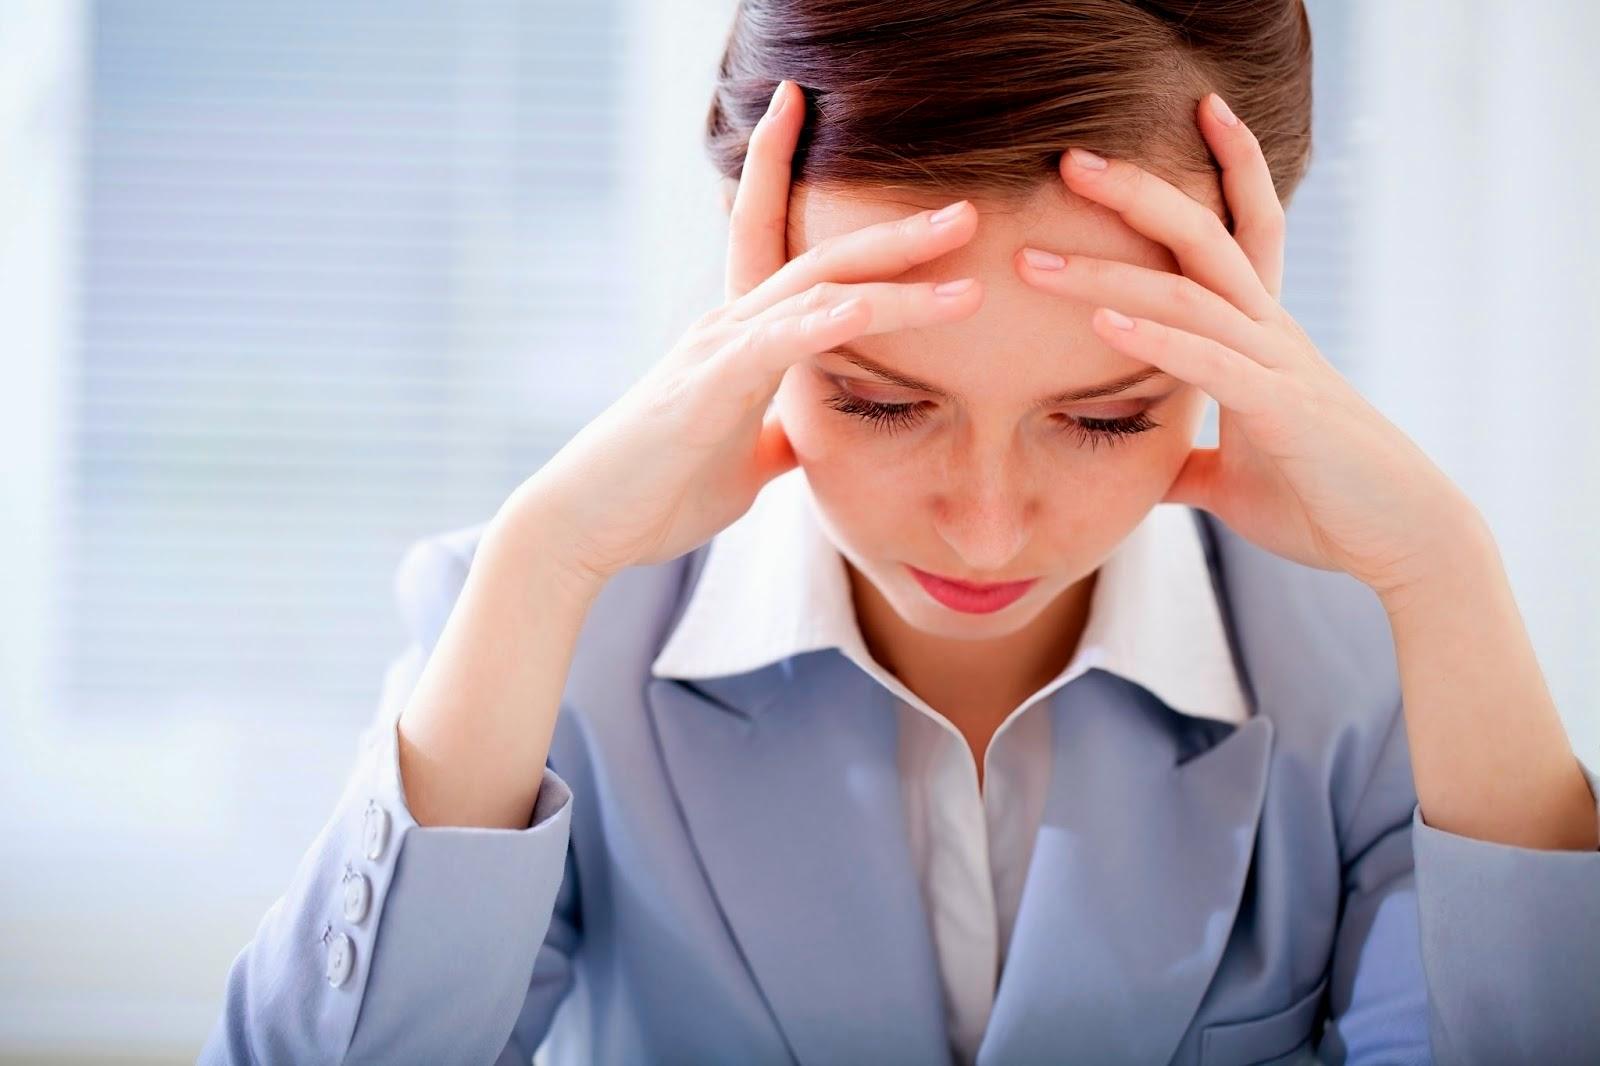 Căng thẳng, stress thường xuyên cũng là nguyên nhân gây ra ung thư dạ dày